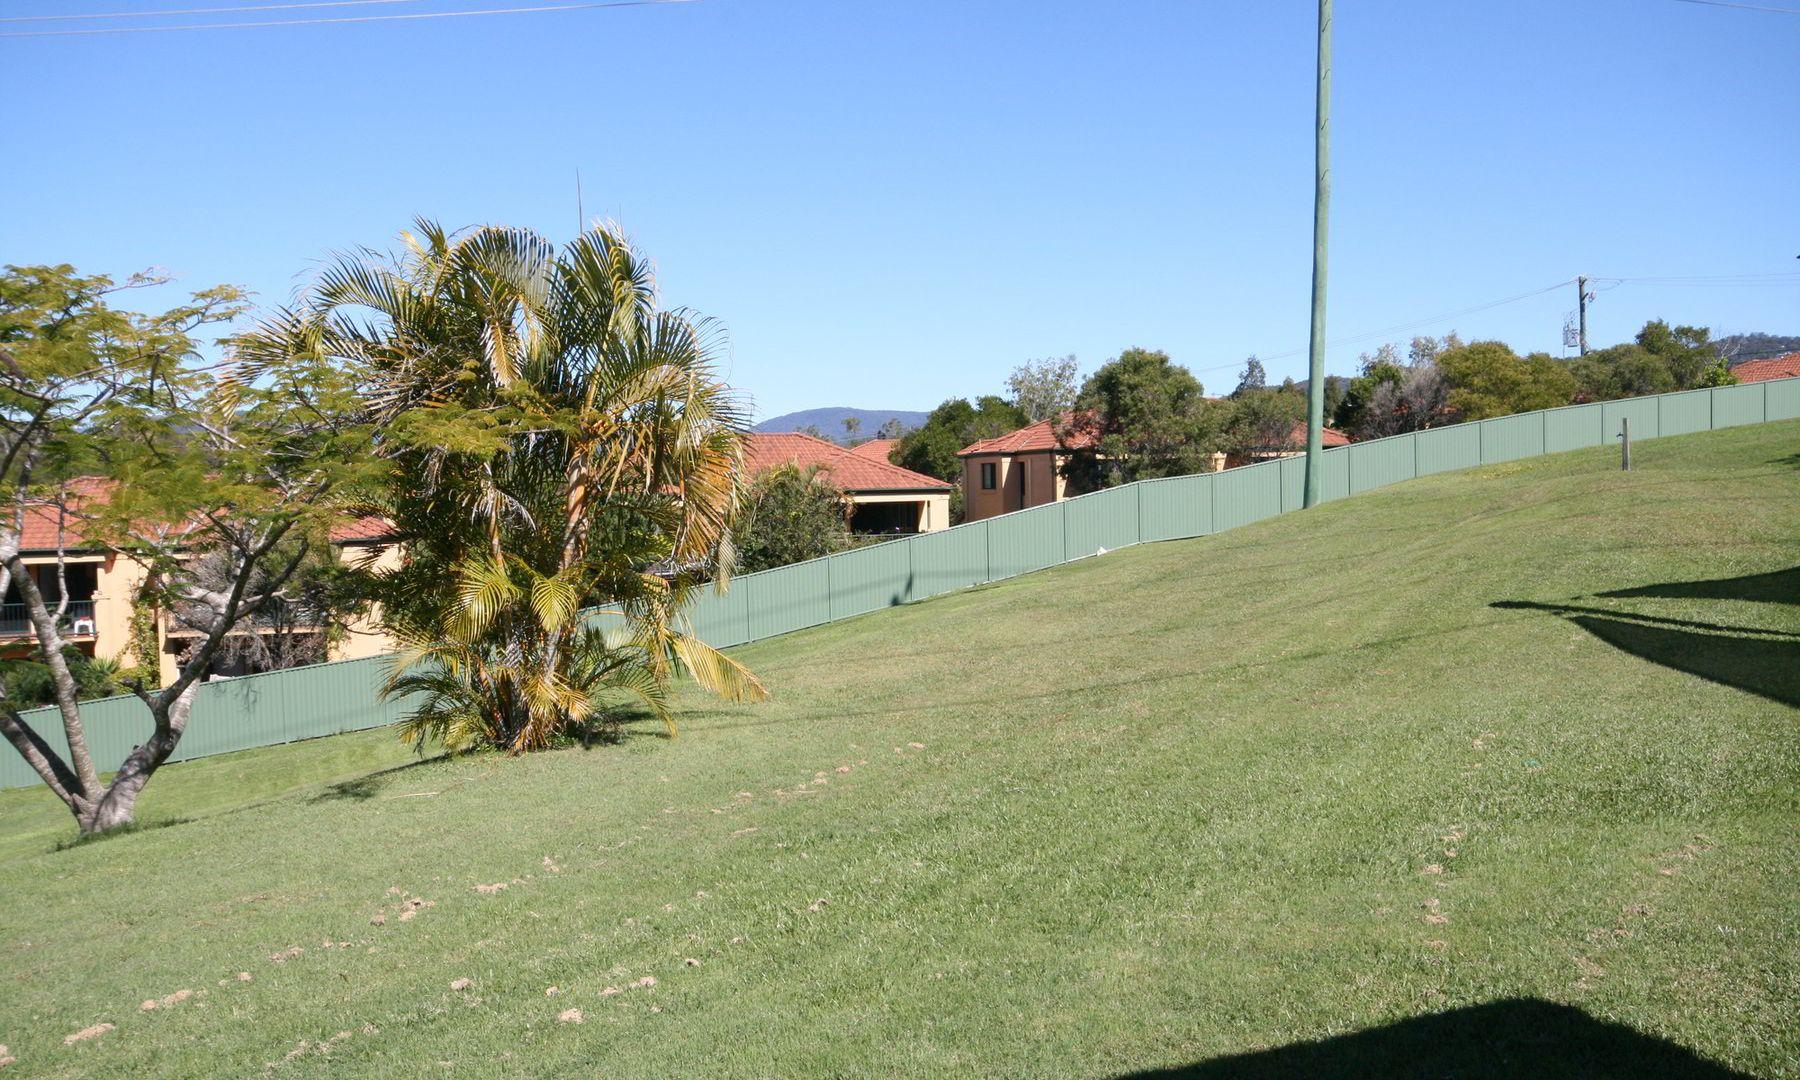 37/118 Highfield Drive, Merrimac QLD 4226, Image 9